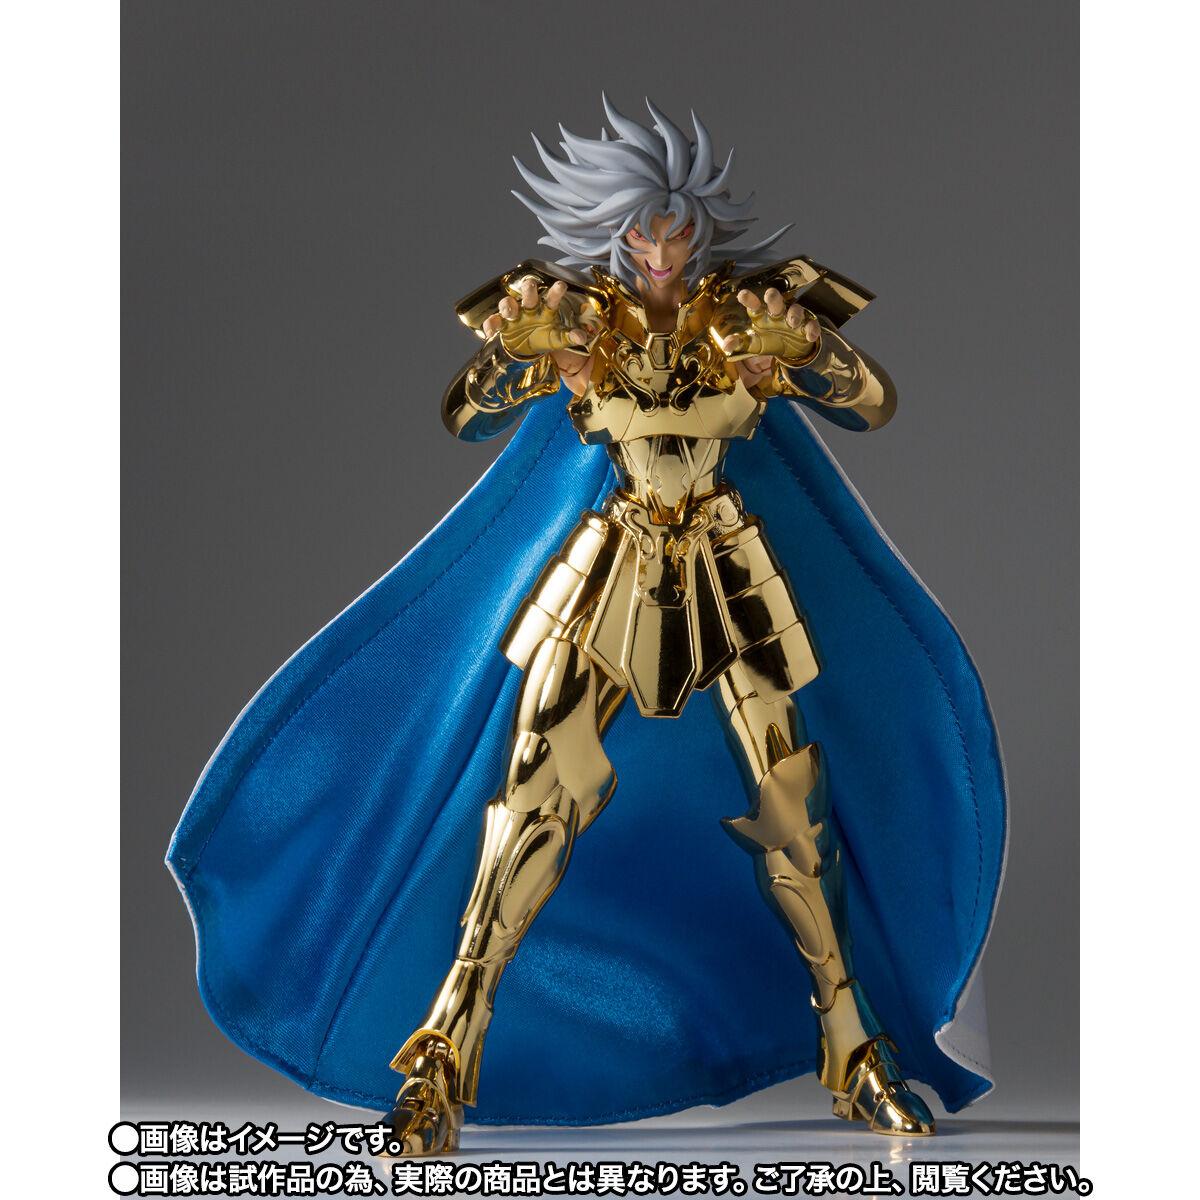 【限定販売】聖闘士聖衣神話EX『ジェミニ サガ GOLD24』聖闘士星矢 可動フィギュア-005